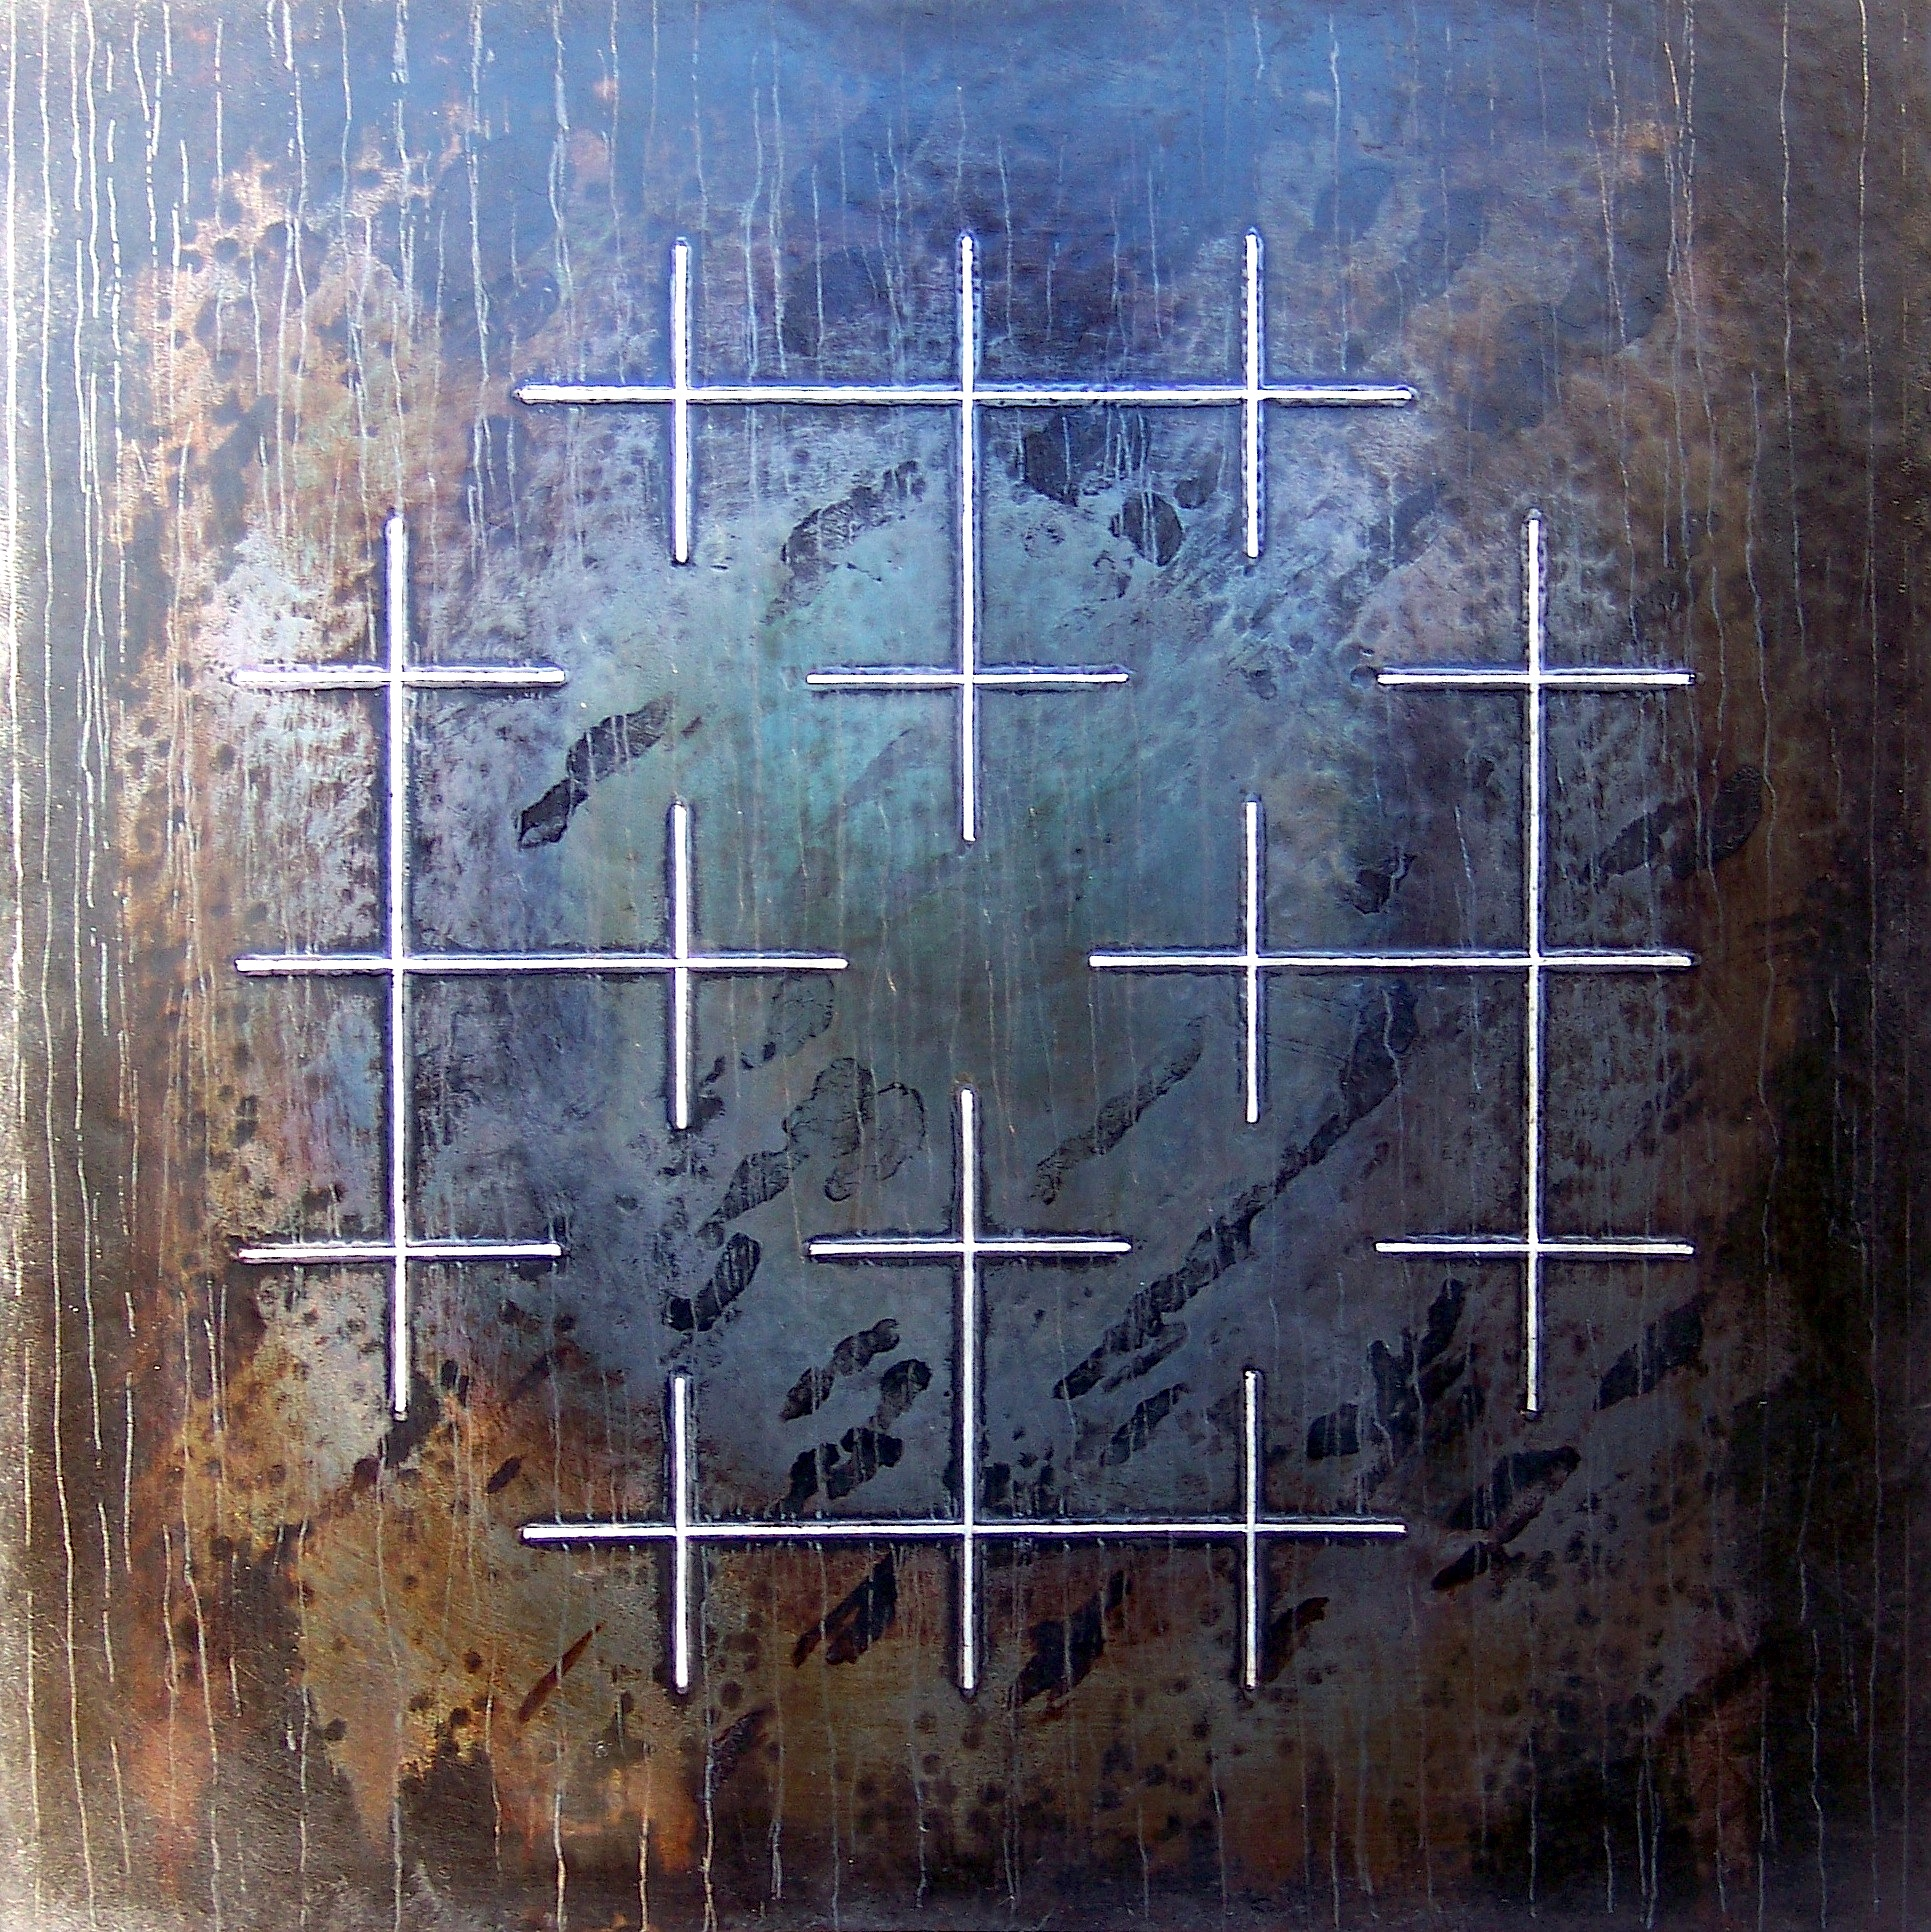 Rekonstruksjonar bilde 2, 2012, 98 x 176 x 2 cm, oljebrent og anløpt stål med innlagt sølvtråd